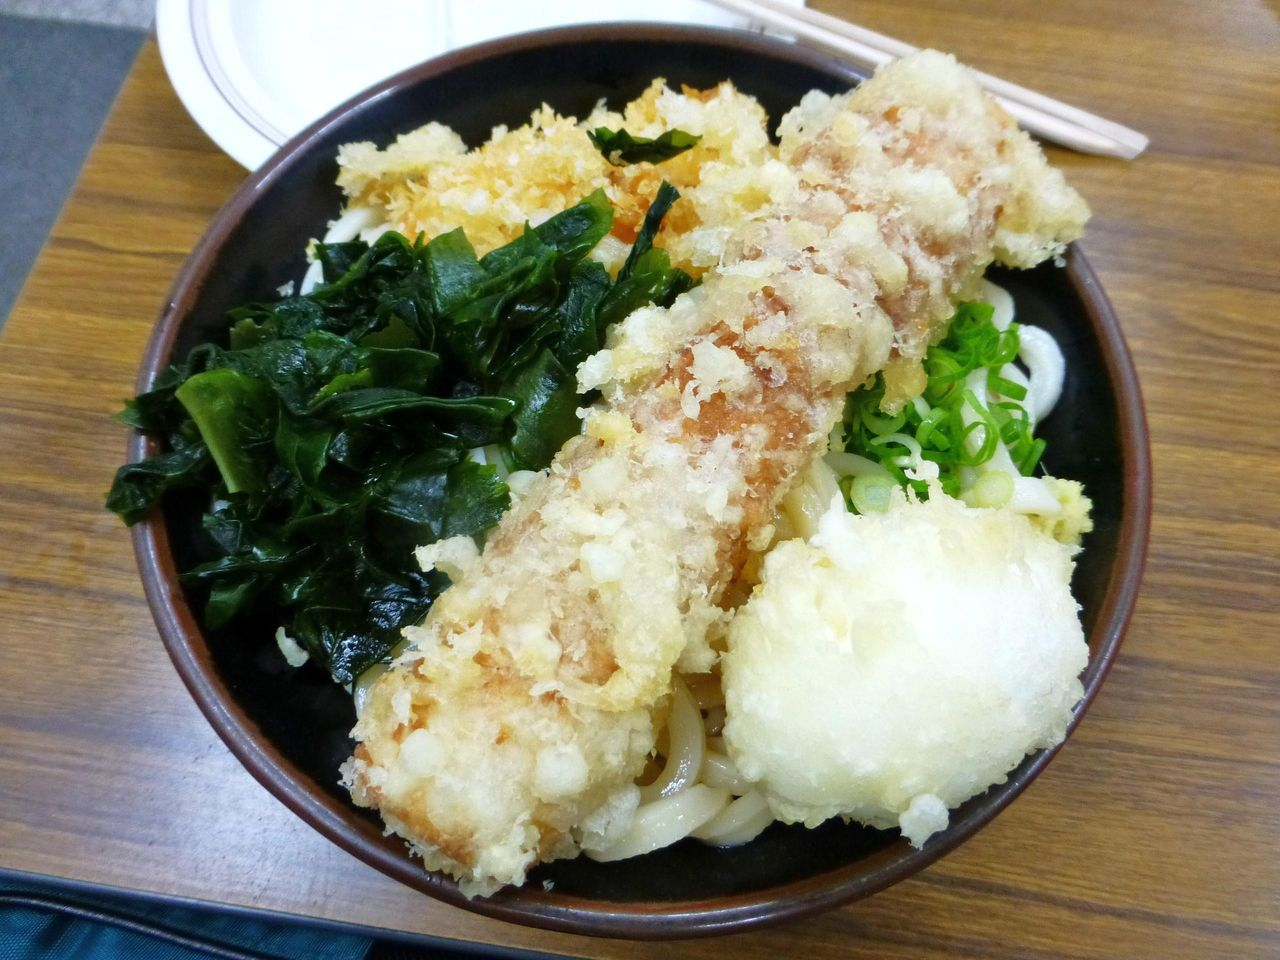 うどん3玉と天ぷらで440円!なんて恐ろしいコスパなんだ!